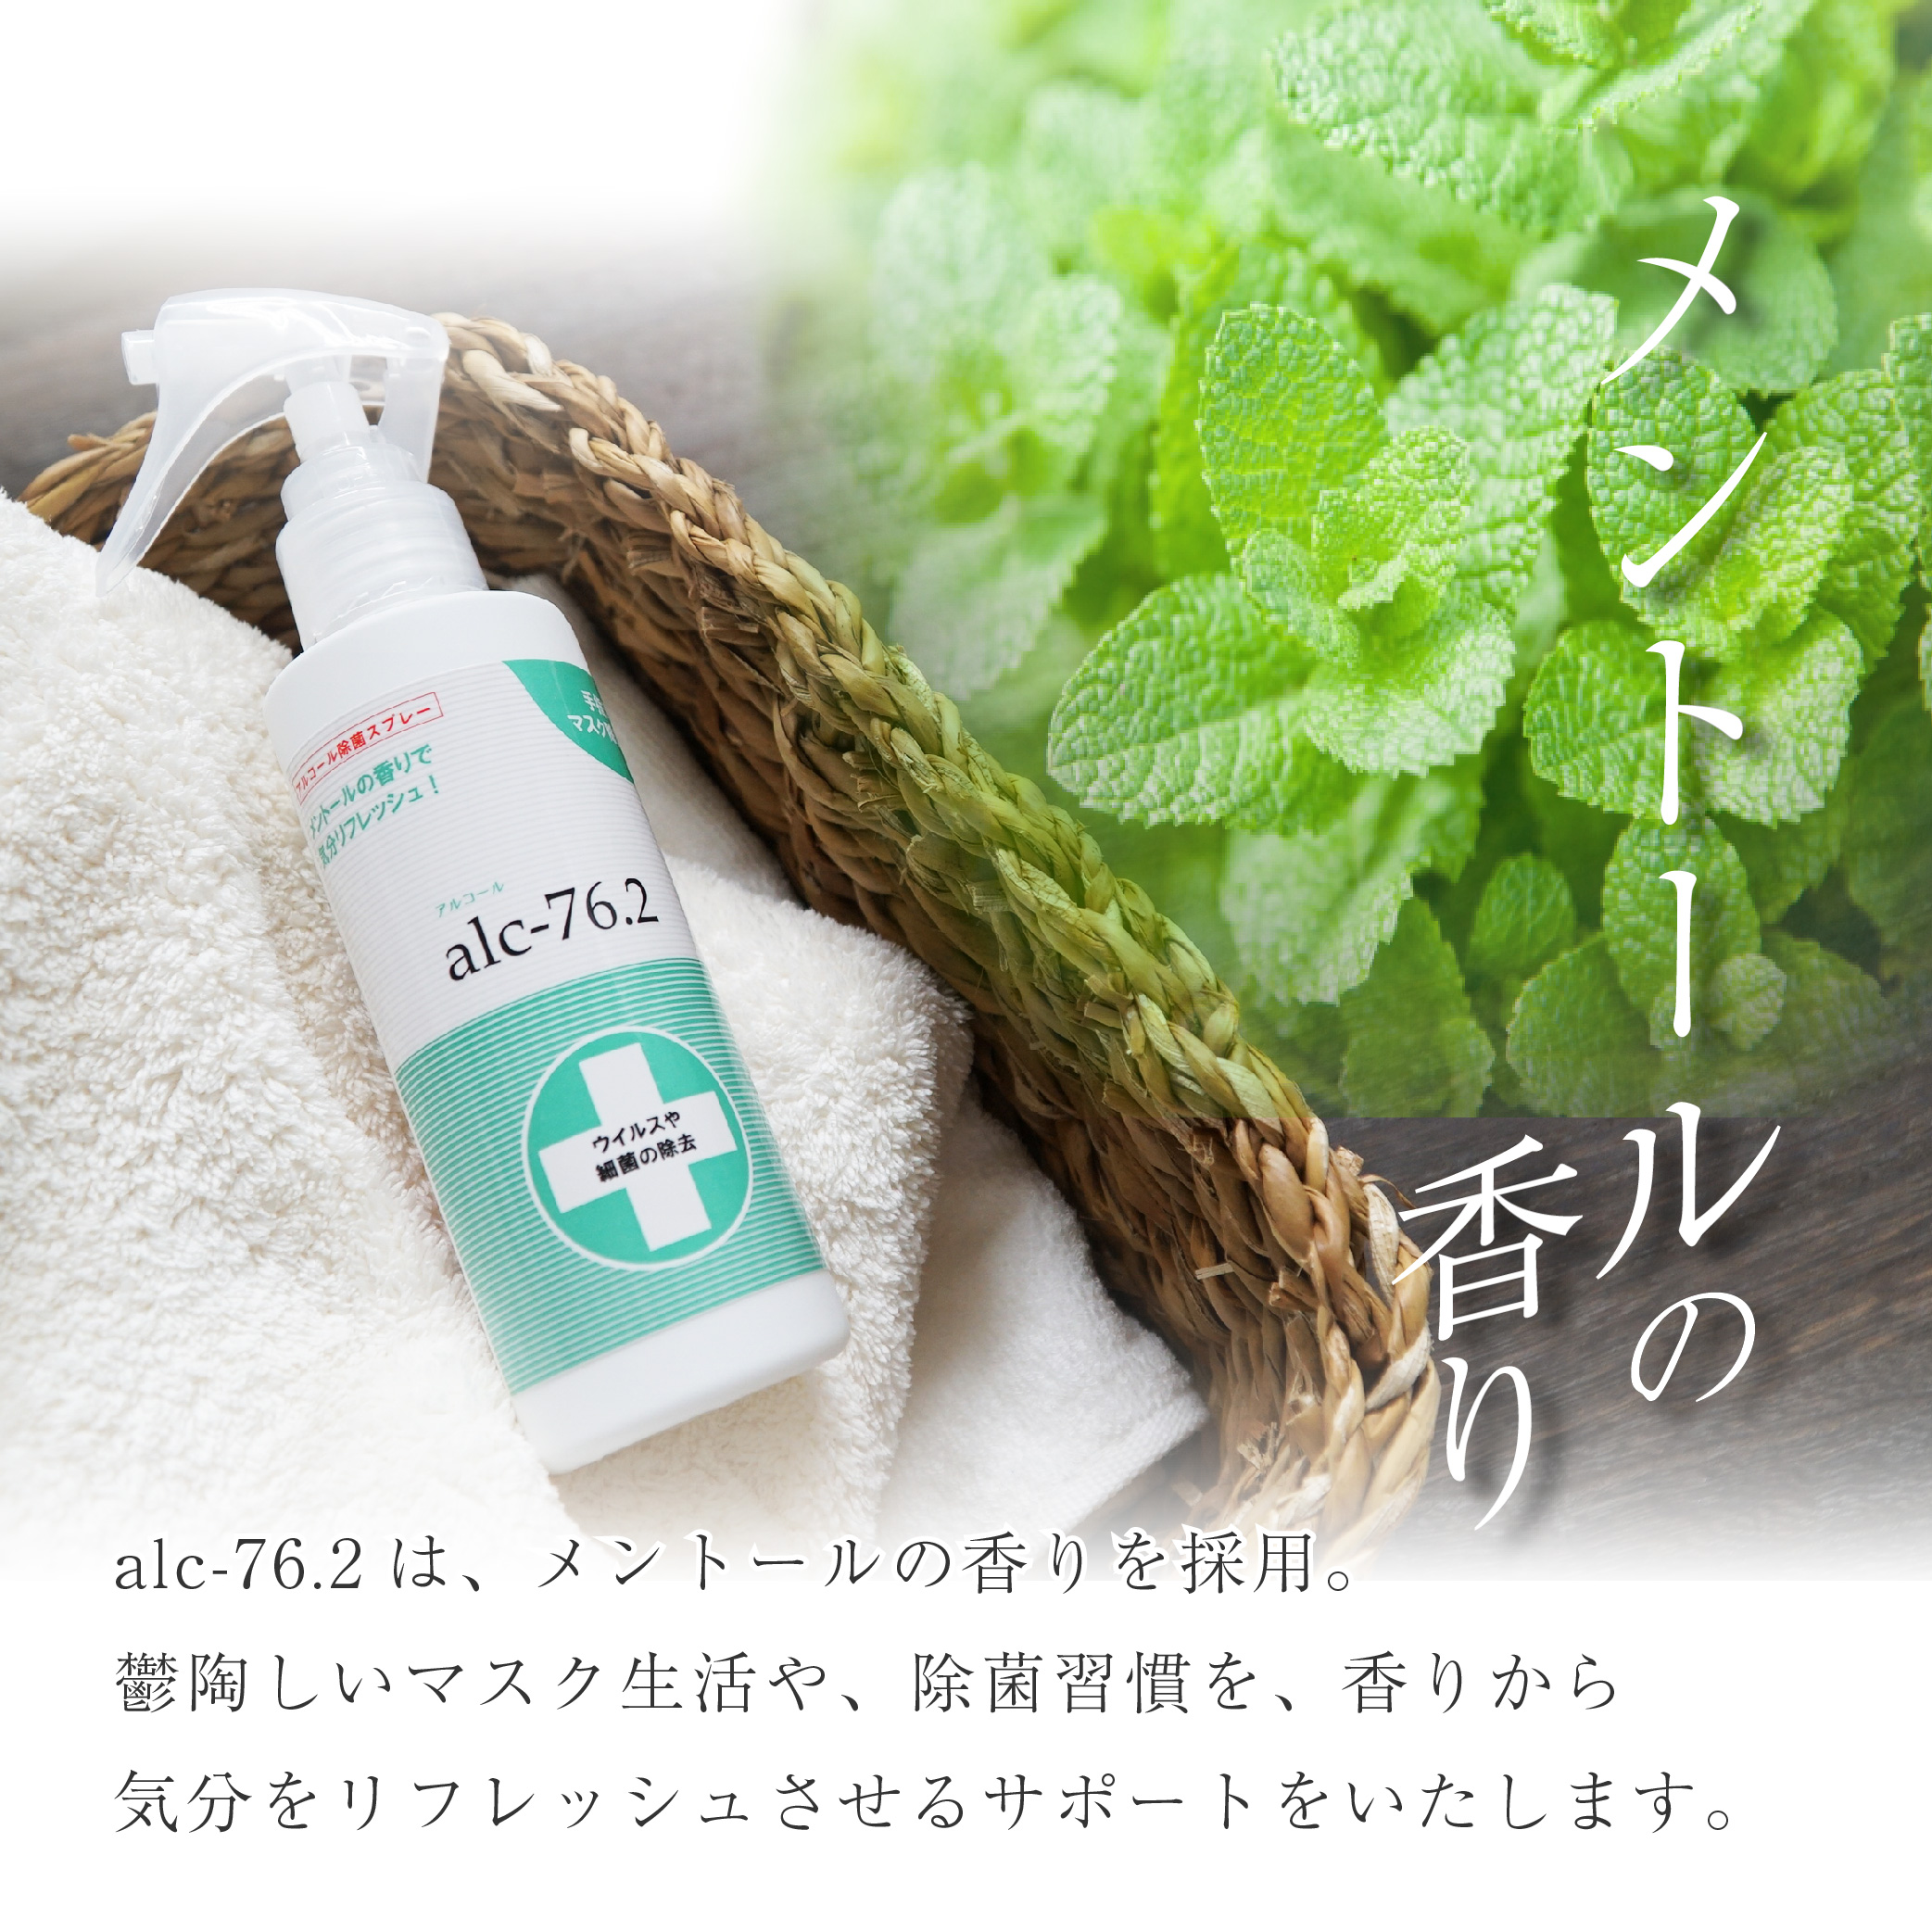 アルコール除菌スプレーalc76.2(150ml)